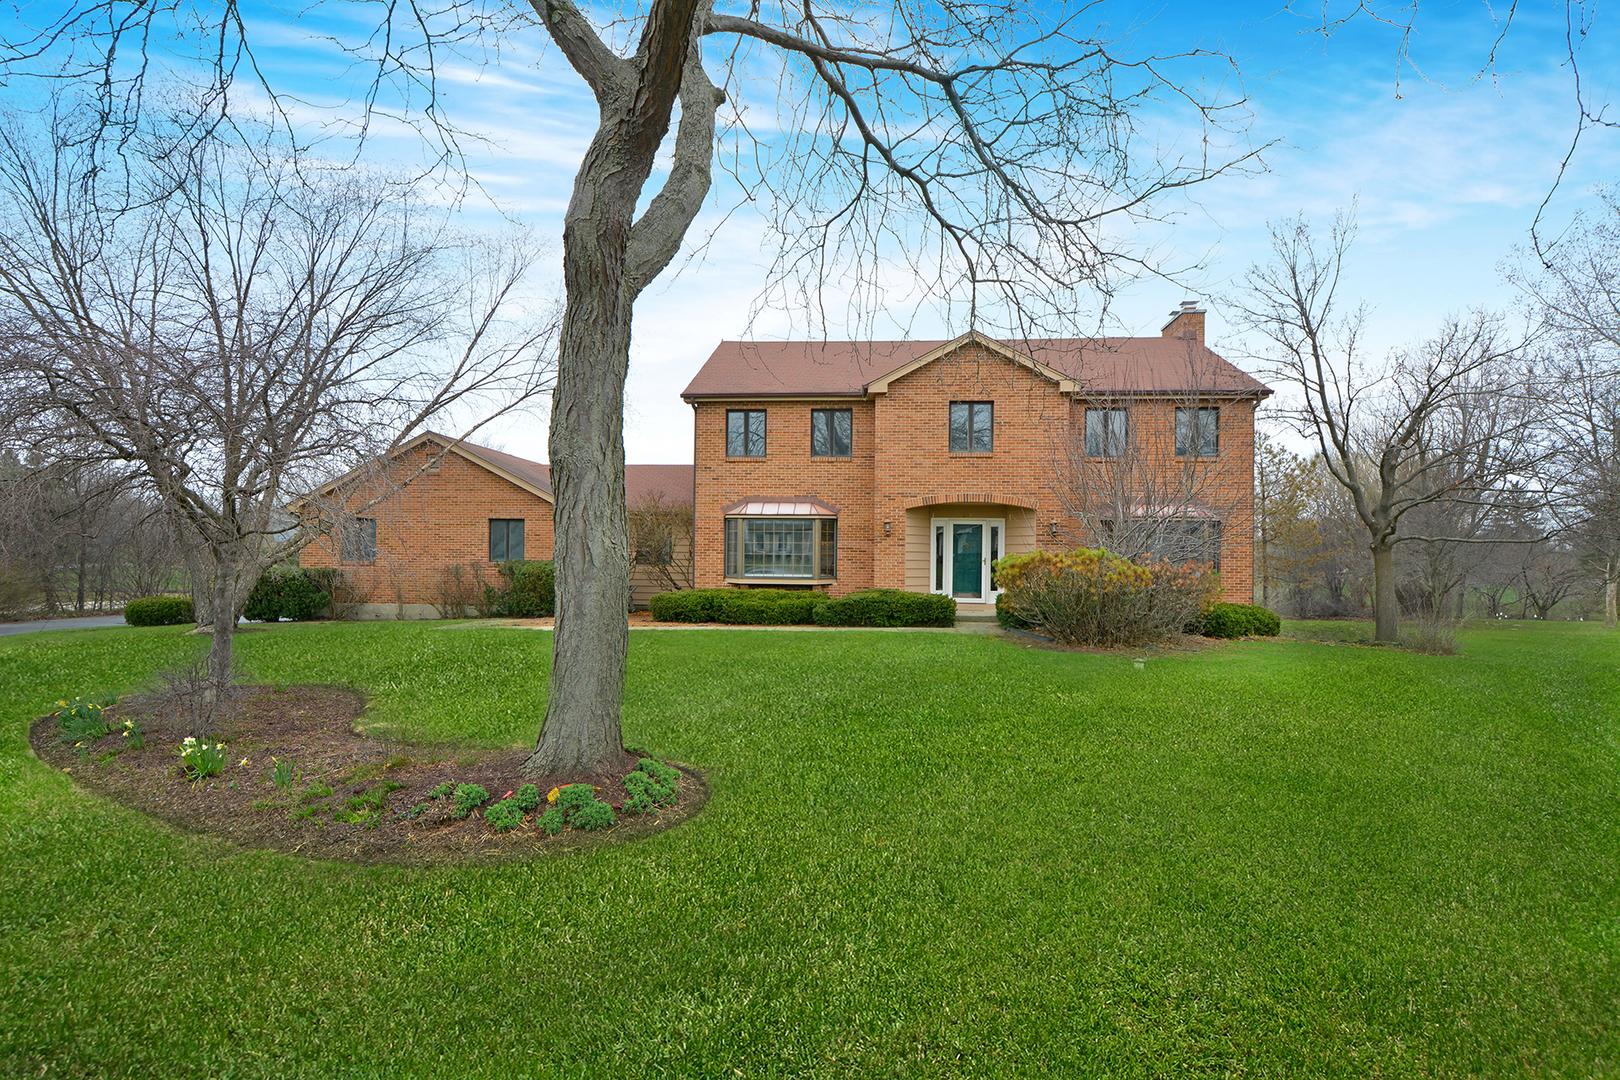 1 Canterbury Lane, Hawthorn Woods, Illinois 60047